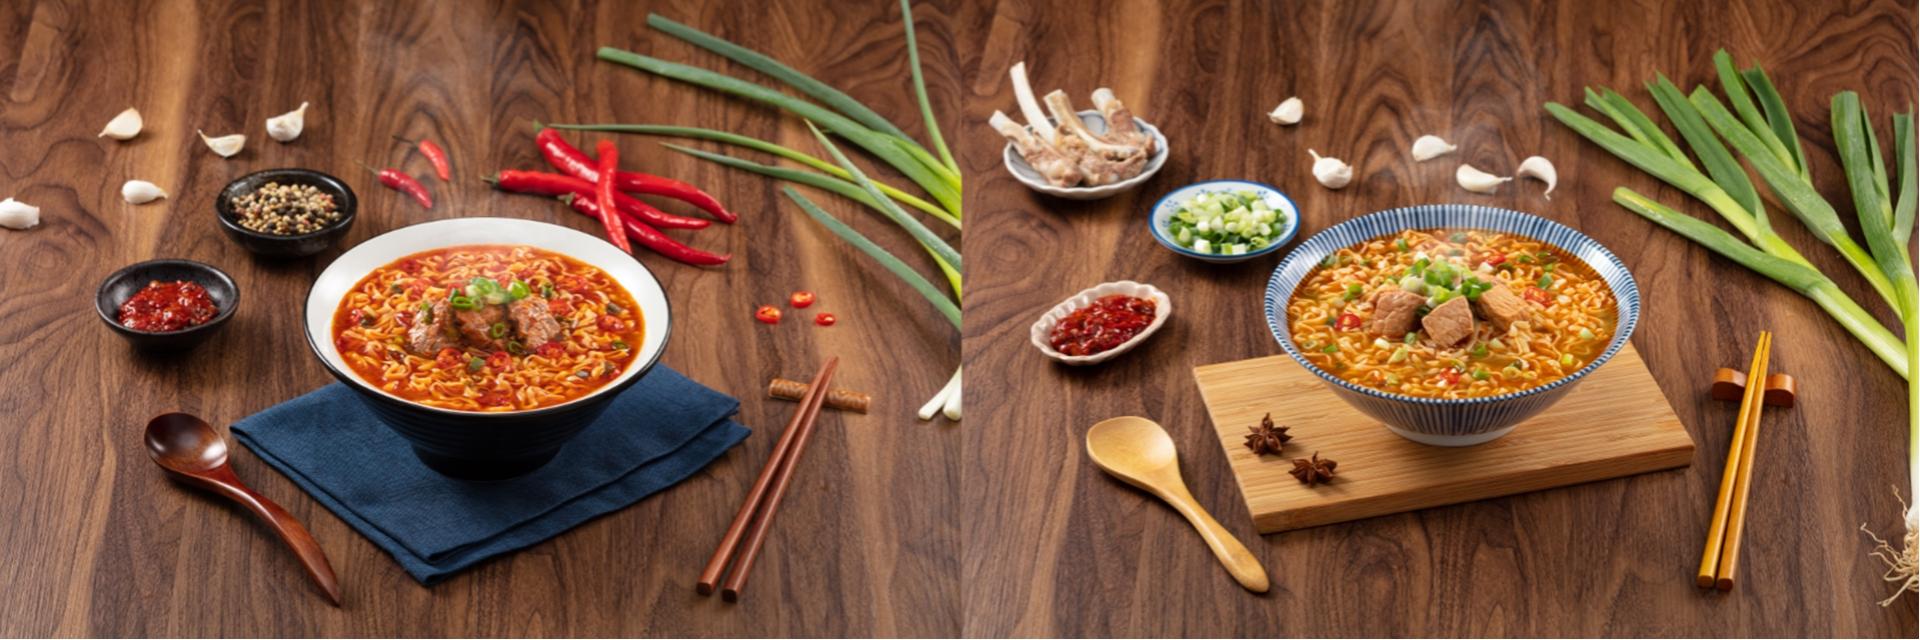 是什麼台灣食物讓韓國人也陷入瘋狂?韓國網友:「這碗真的馬西搜優!」